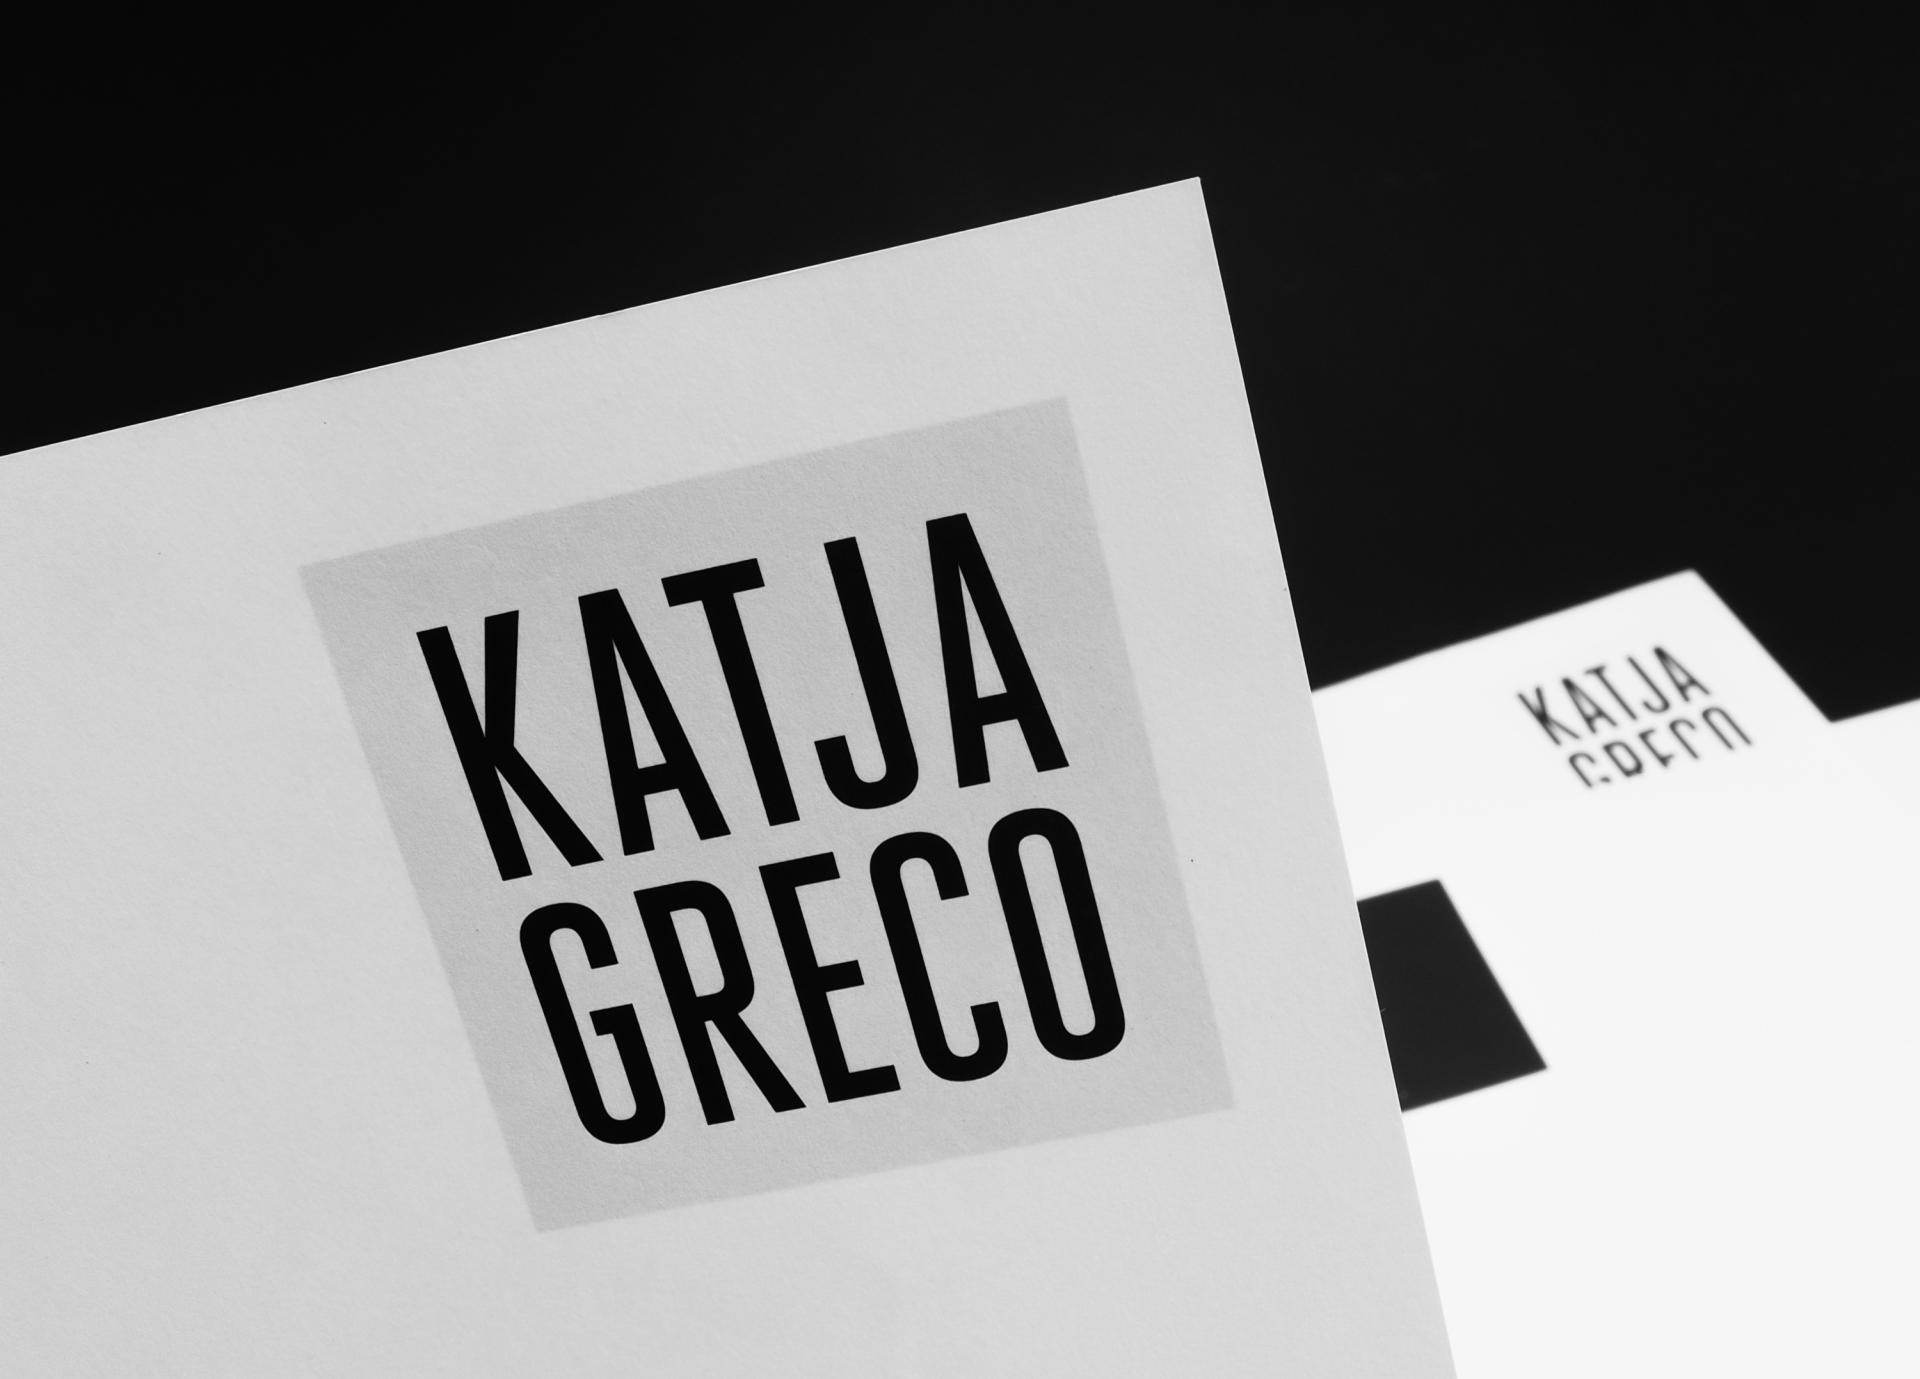 Grafikum Katja Greco